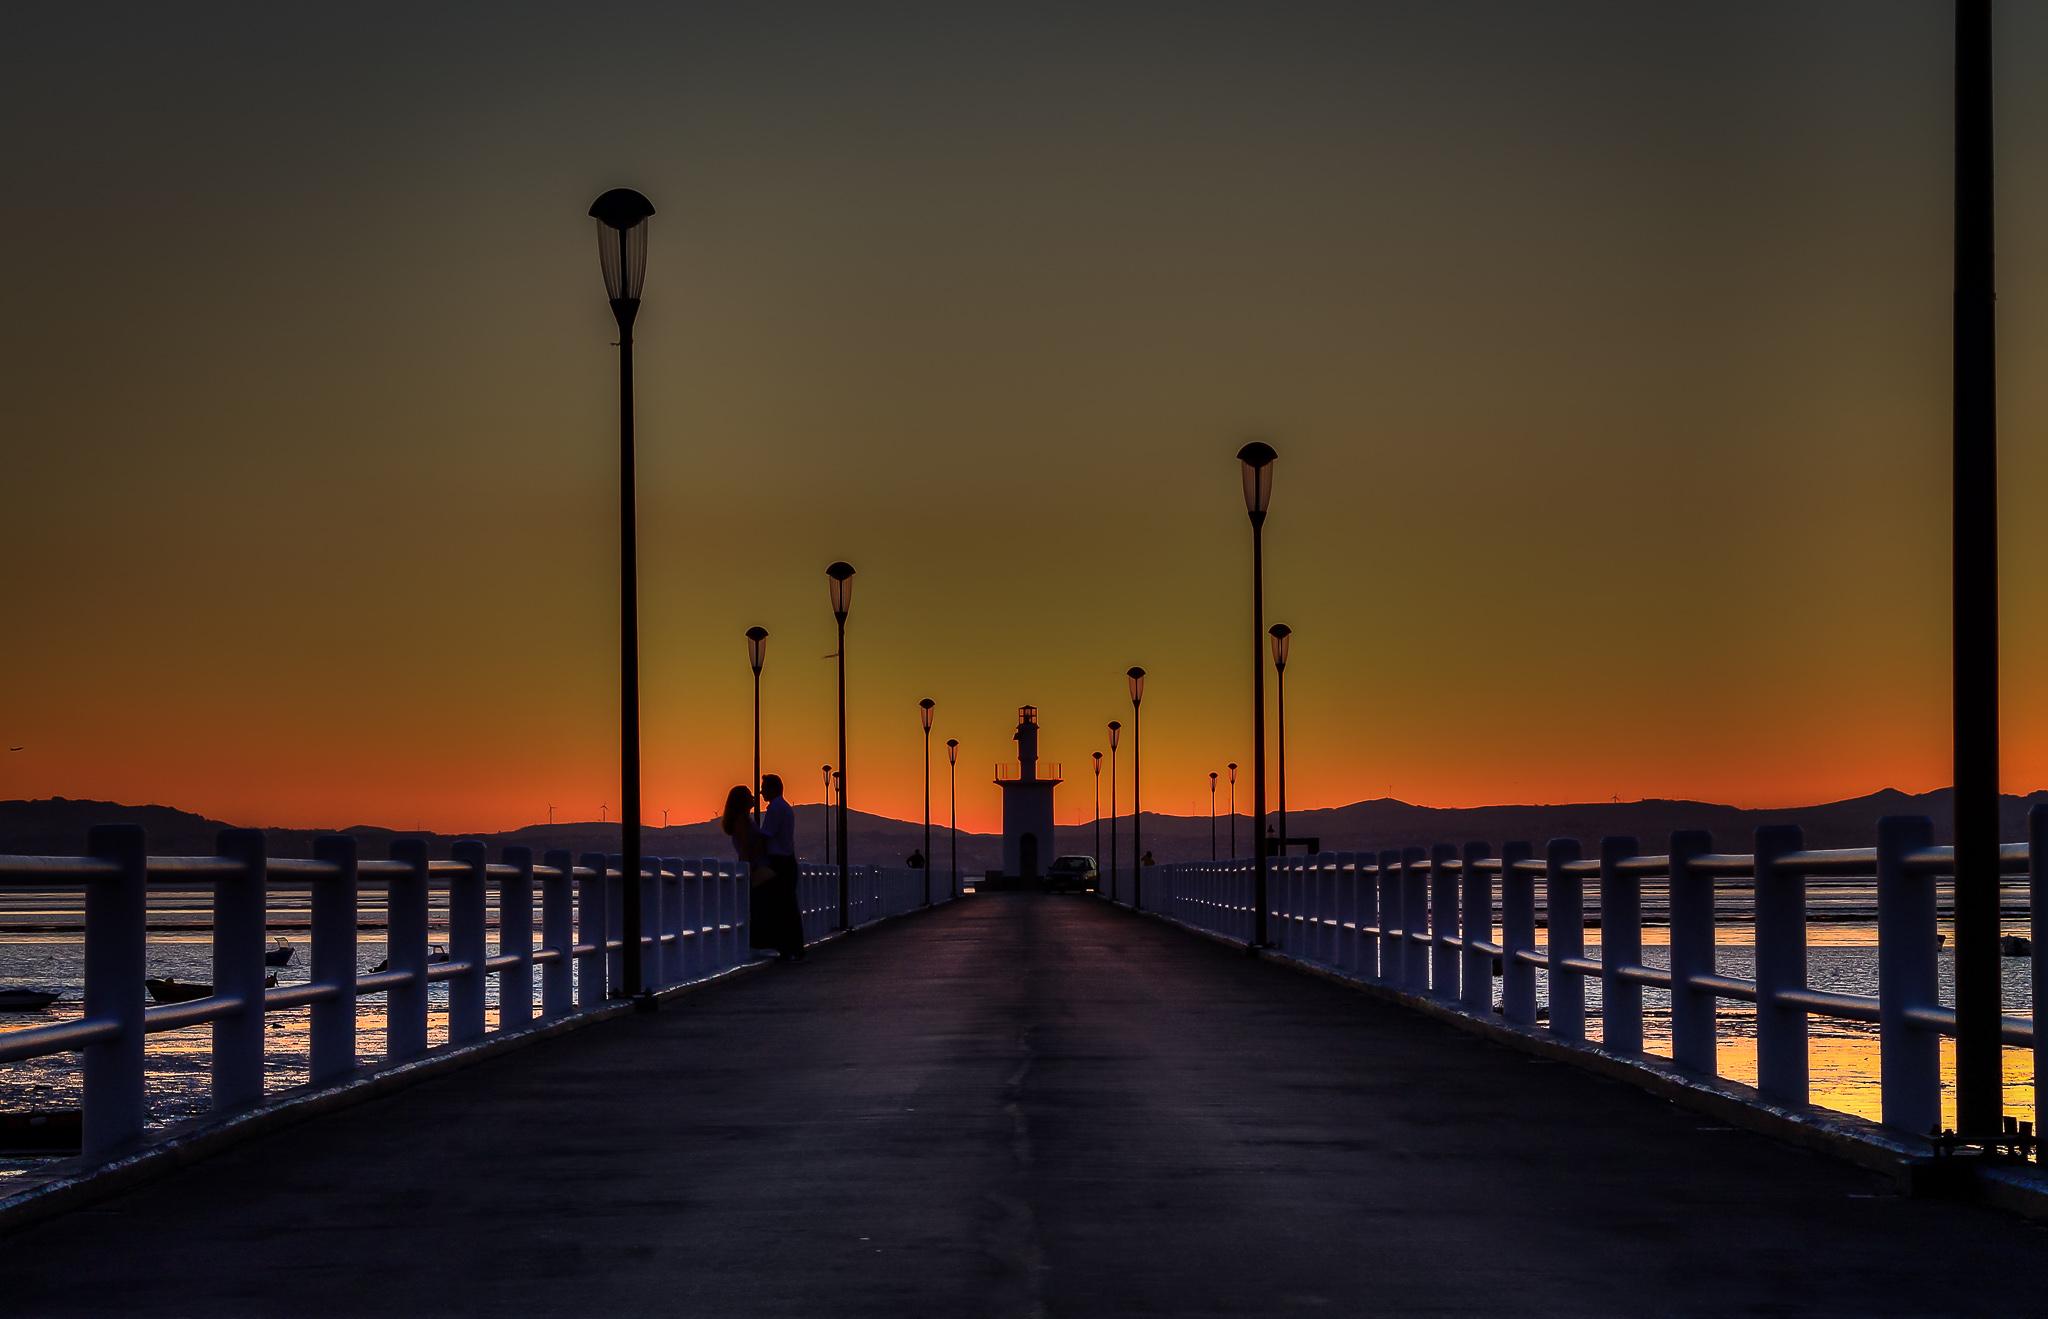 Alcochete Pier, Portugal